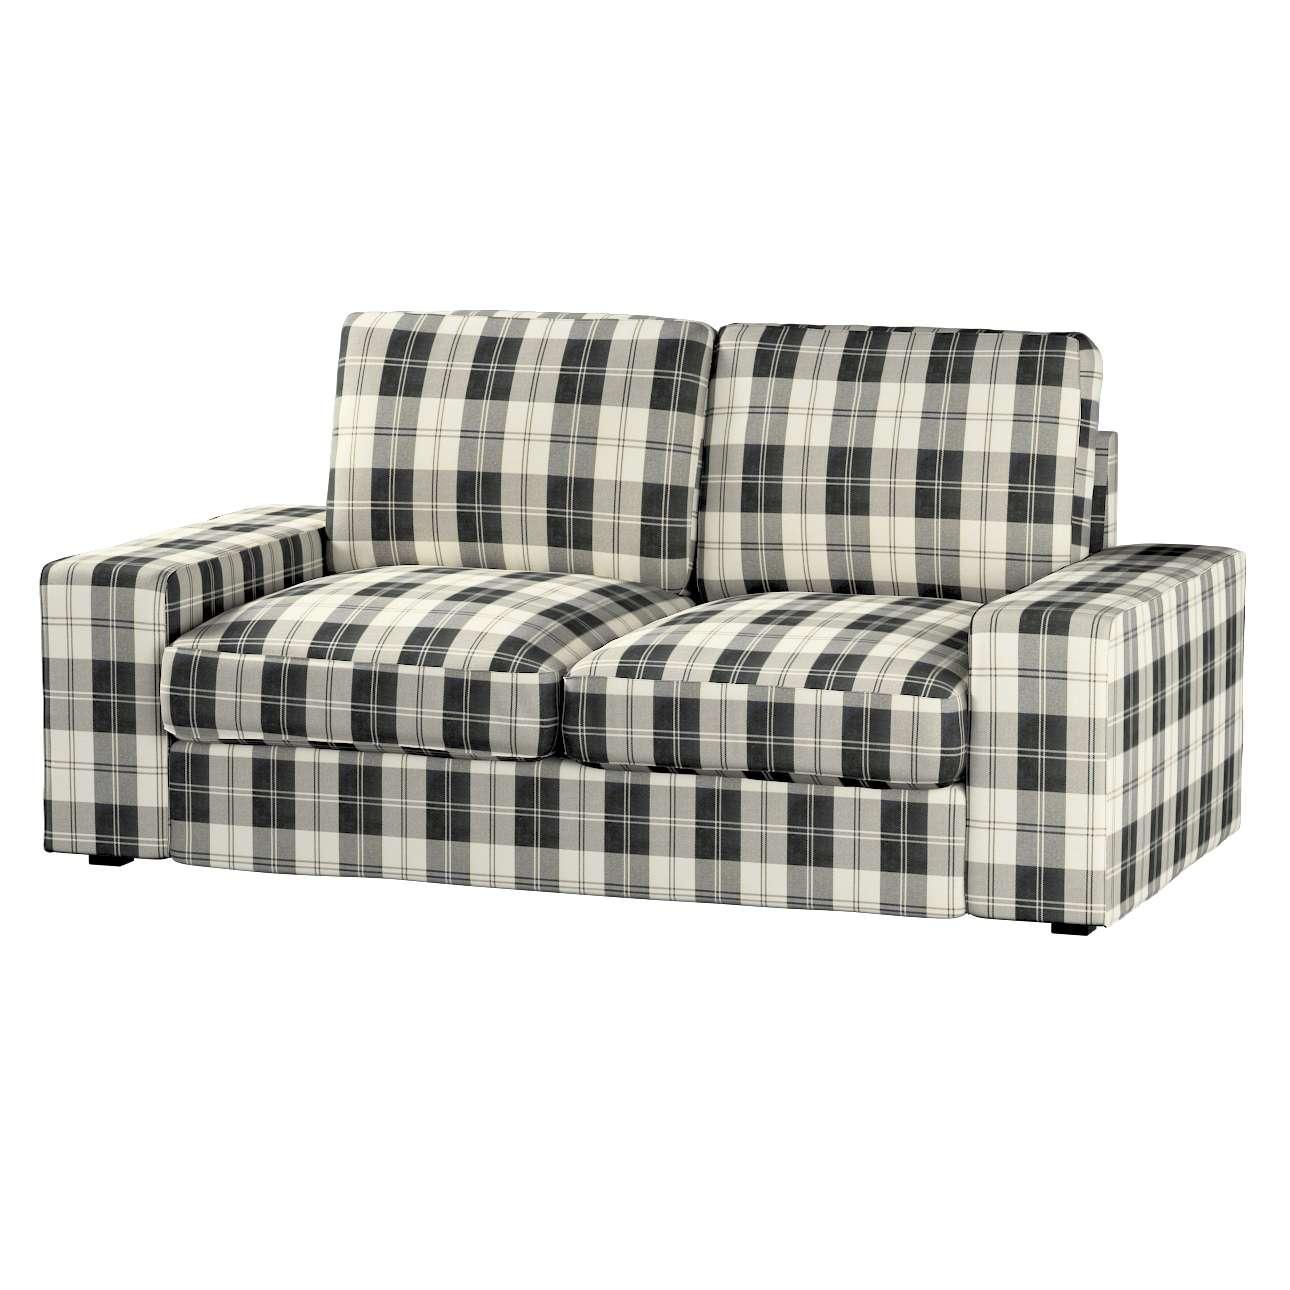 Pokrowiec na sofę Kivik 2-osobową, nierozkładaną Sofa Kivik 2-osobowa w kolekcji Edinburgh, tkanina: 115-74